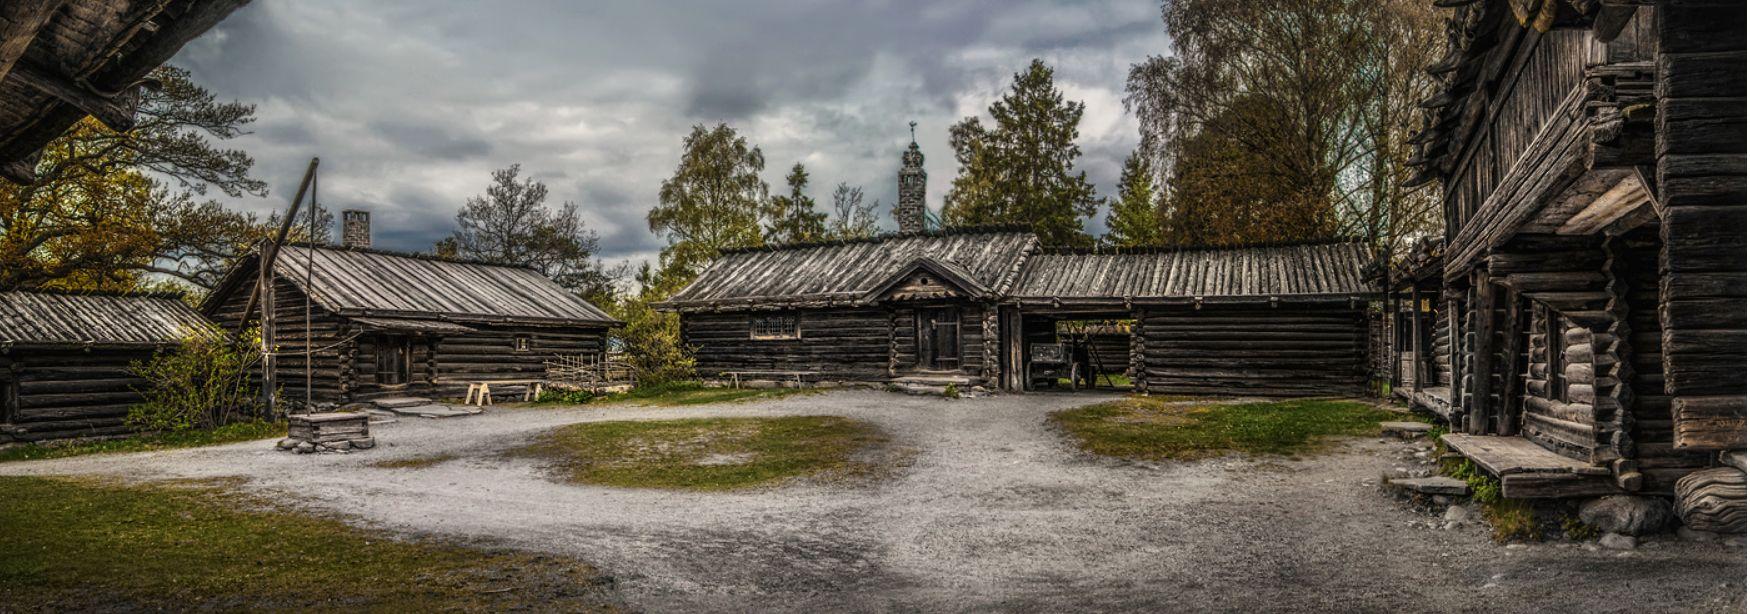 ***Дворик крестьянина в Швеции.Музей под открытым небом Скансен.Стокгольм.